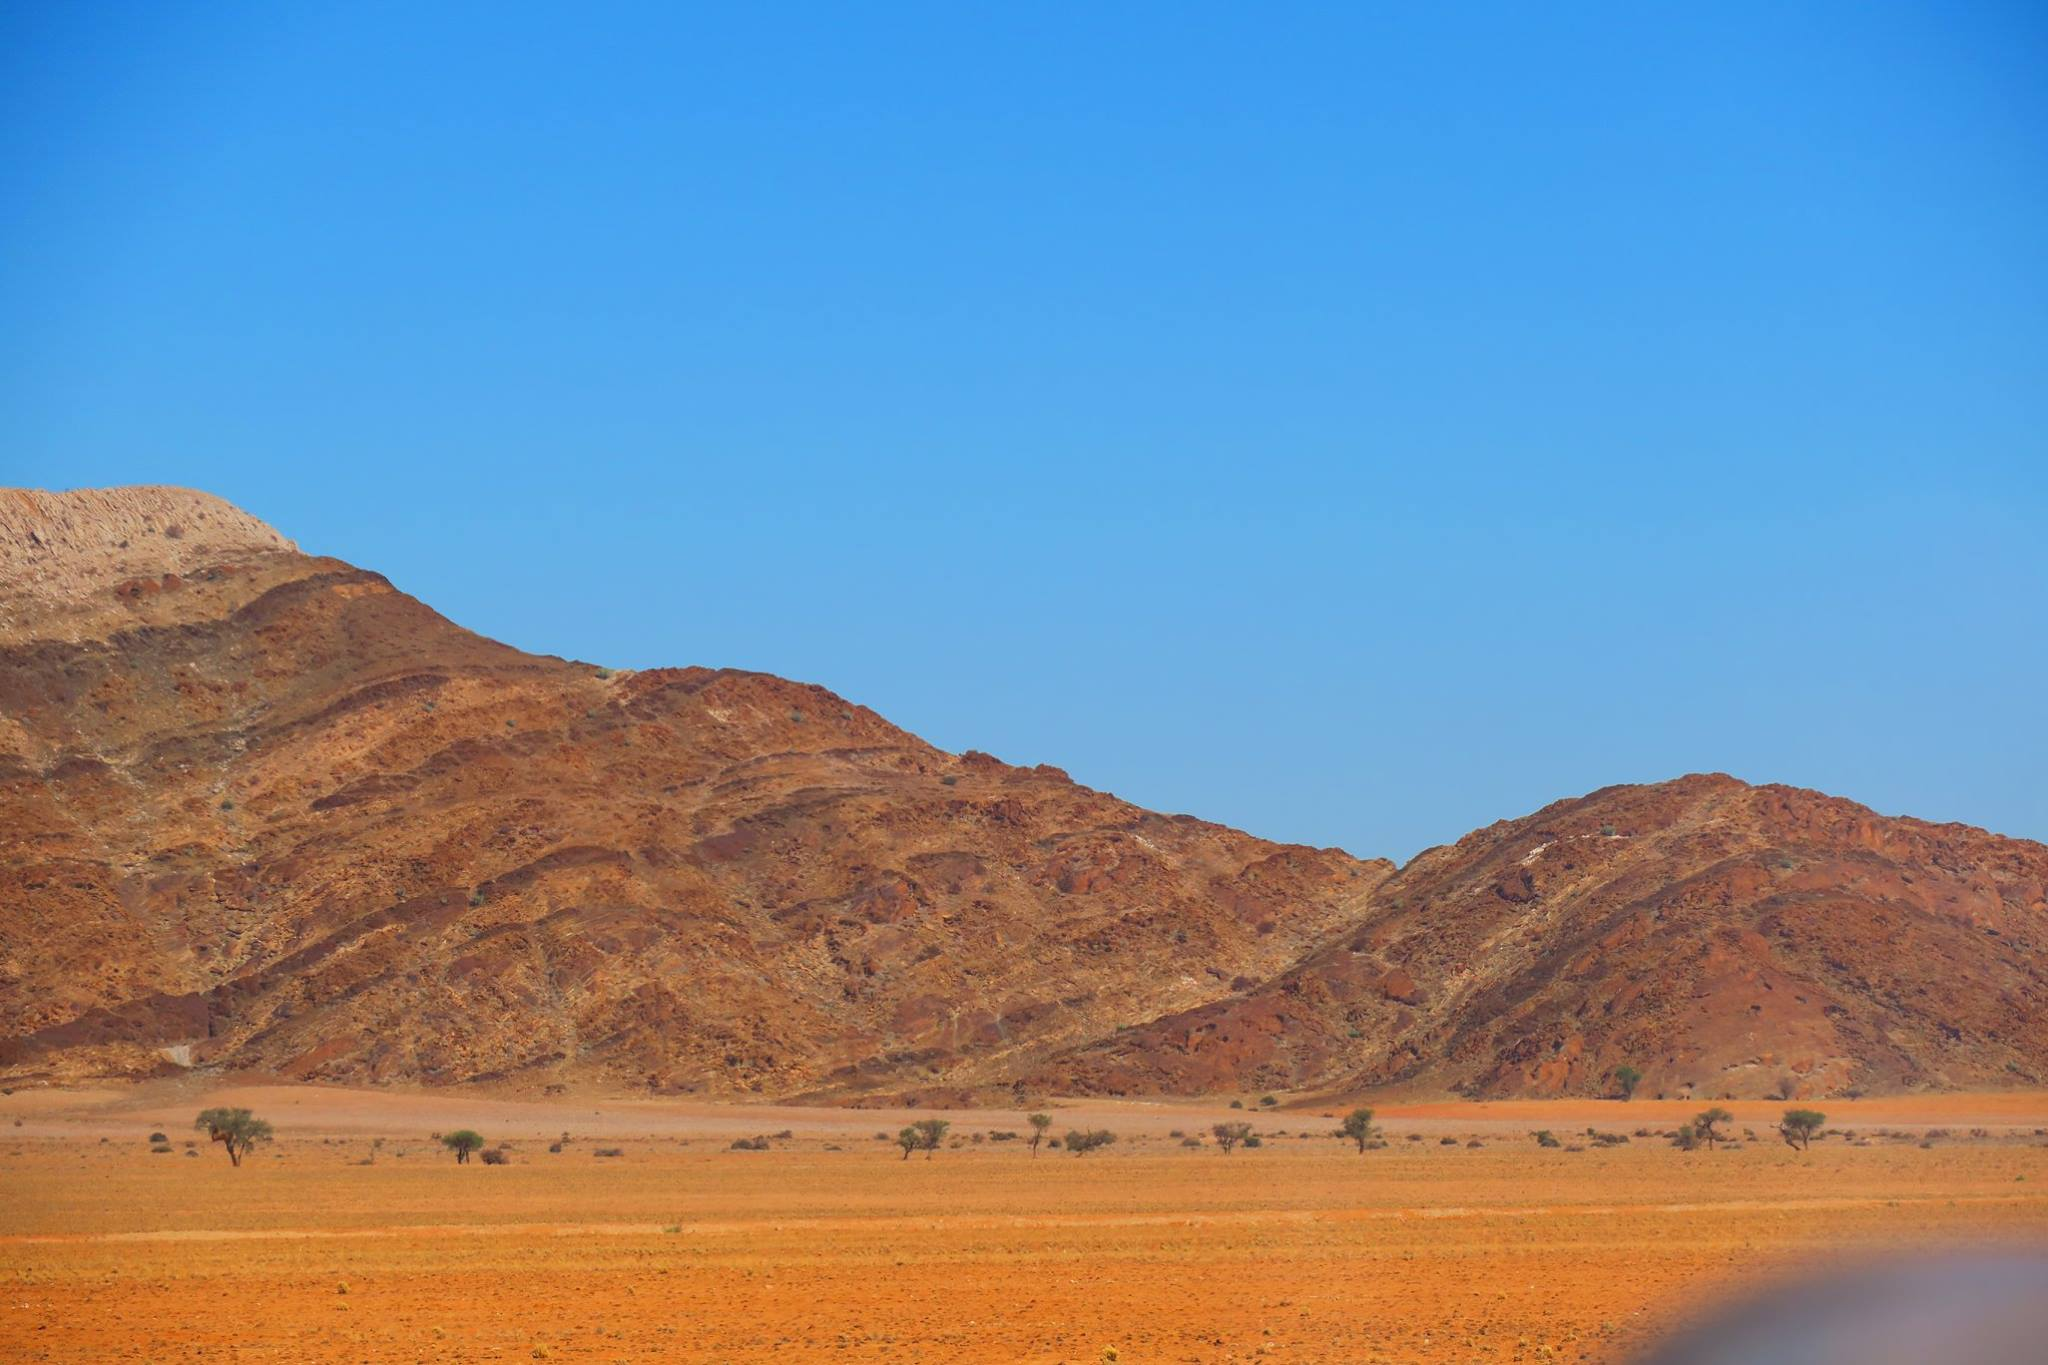 地質学をしてる人はアフリカ楽しいだろうなぁと何度も思うほど山肌や土の色がどんどん変化しました。